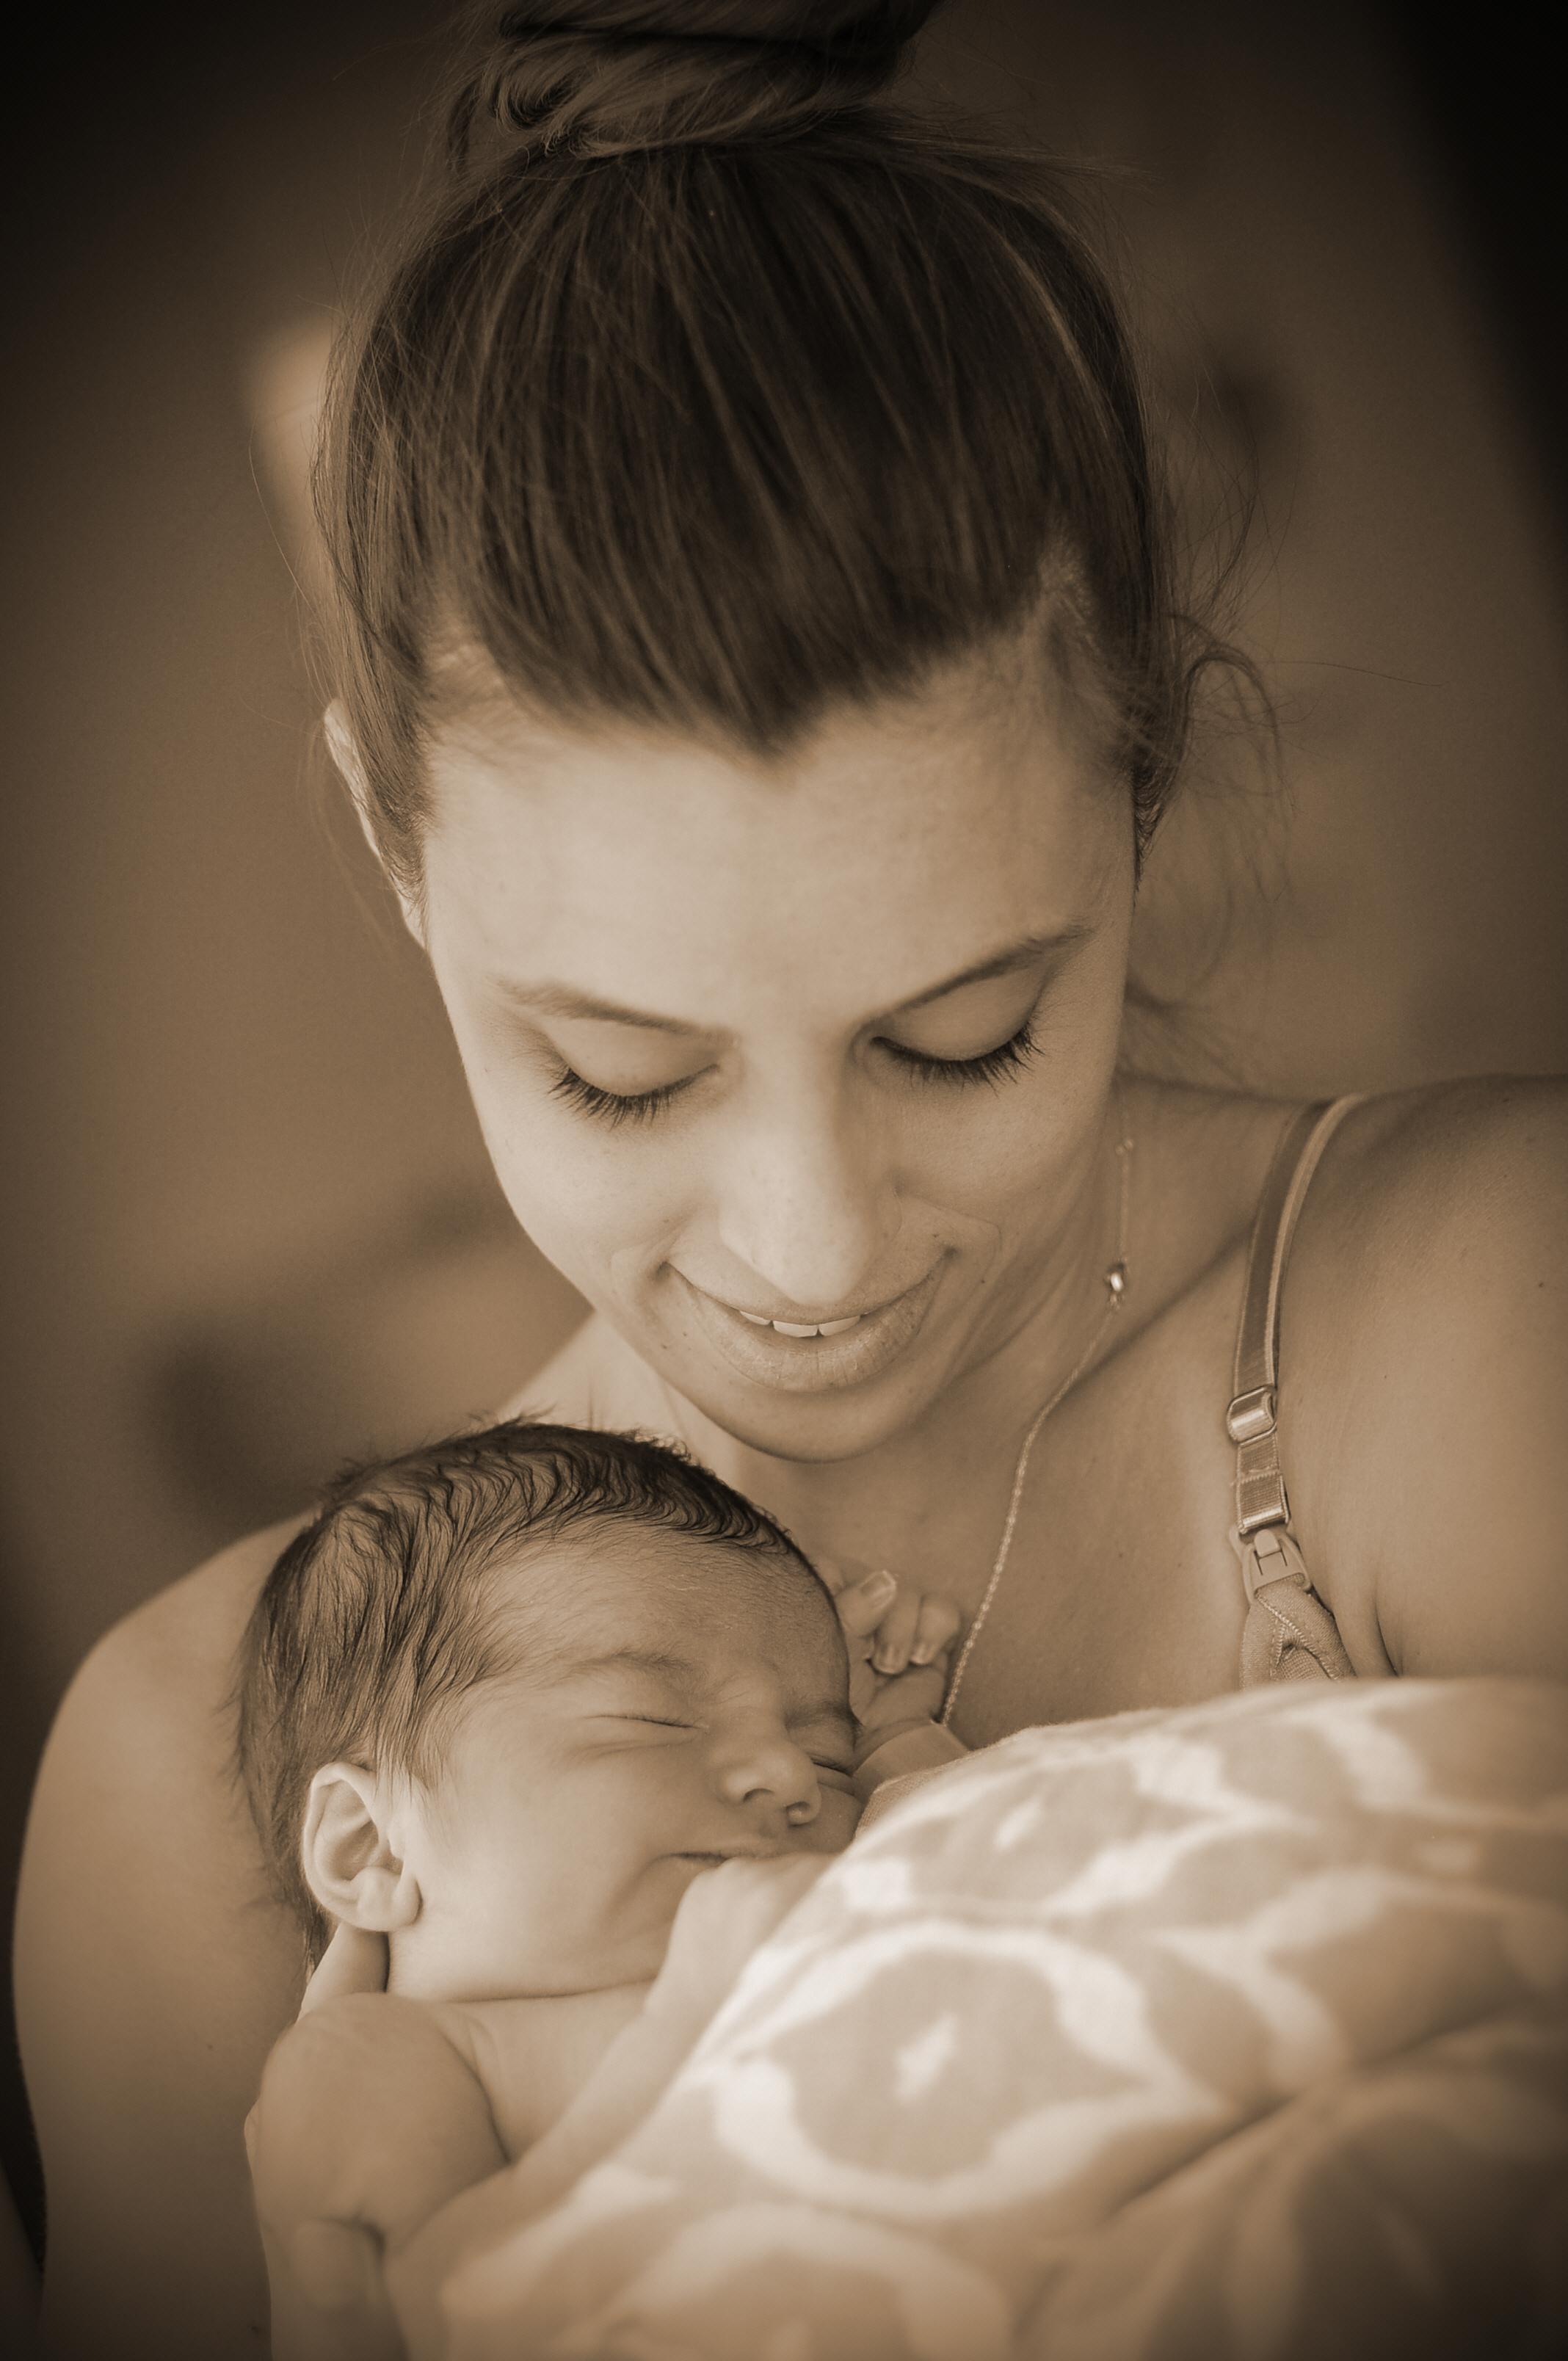 The raw beauty of motherhood